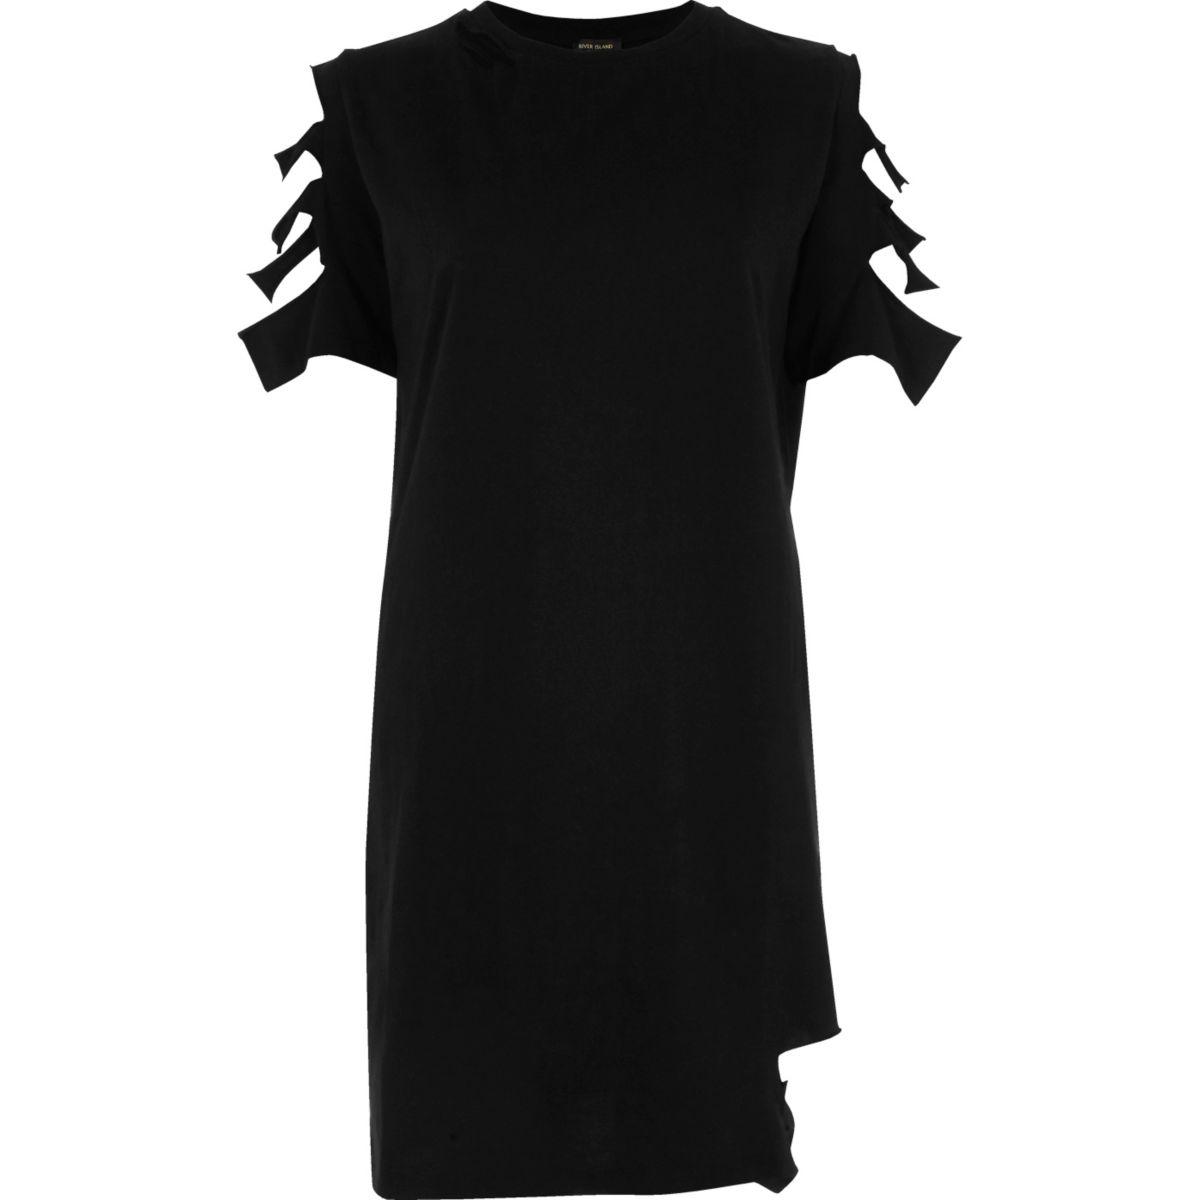 Black slashed sleeve longline T-shirt